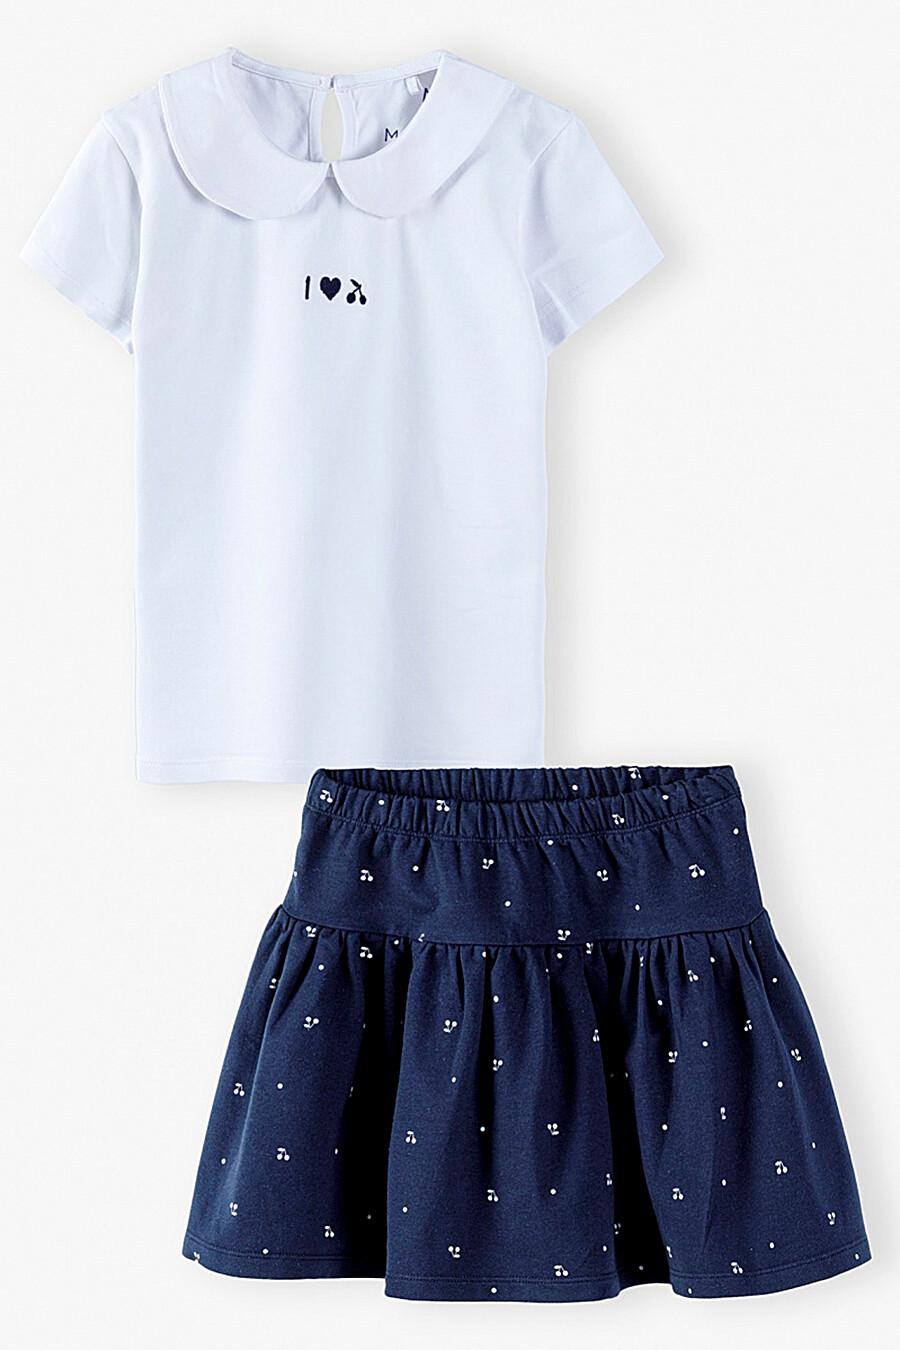 Комплект (Юбка+Футболка) для девочек 5.10.15 668446 купить оптом от производителя. Совместная покупка детской одежды в OptMoyo